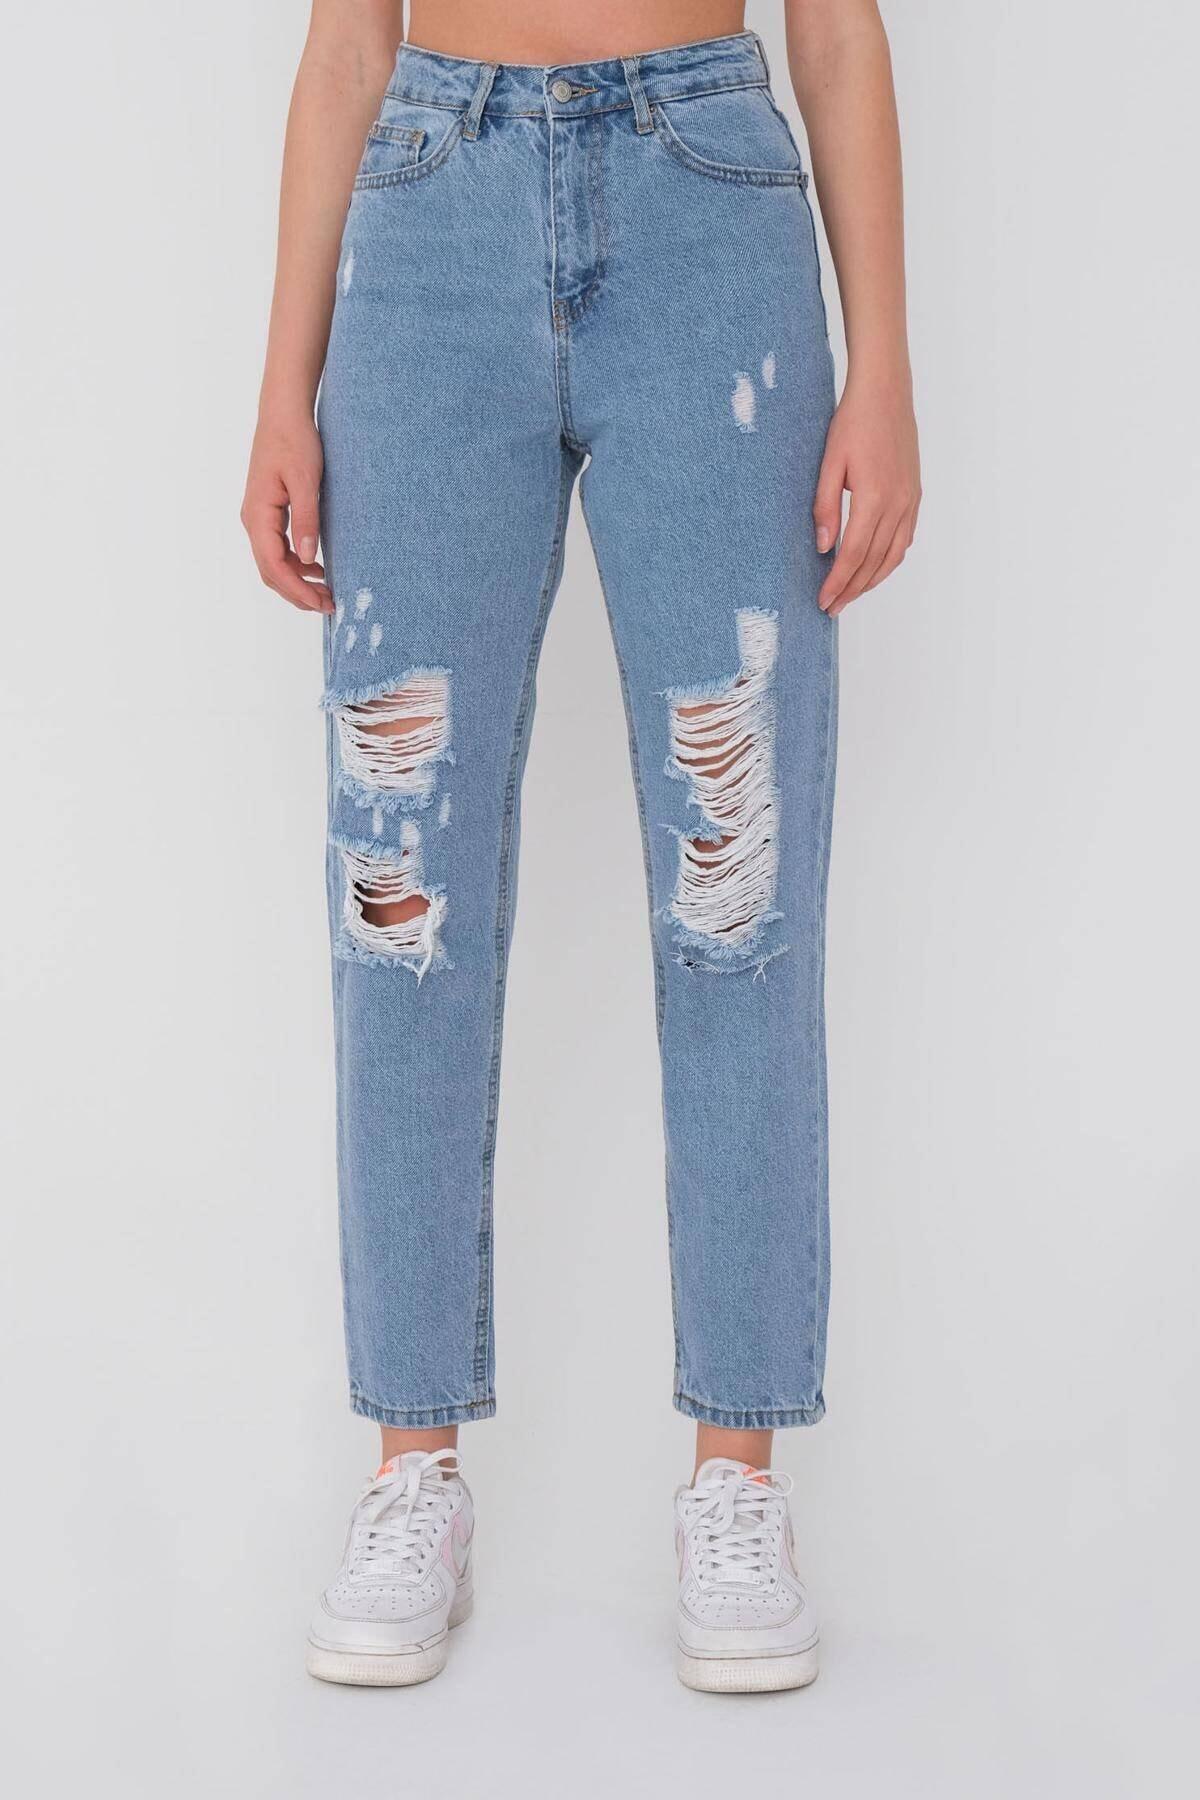 Kadın Kot Rengi Yırtık Detaylı Pantolon Pn6481- Pnn ADX-0000021037